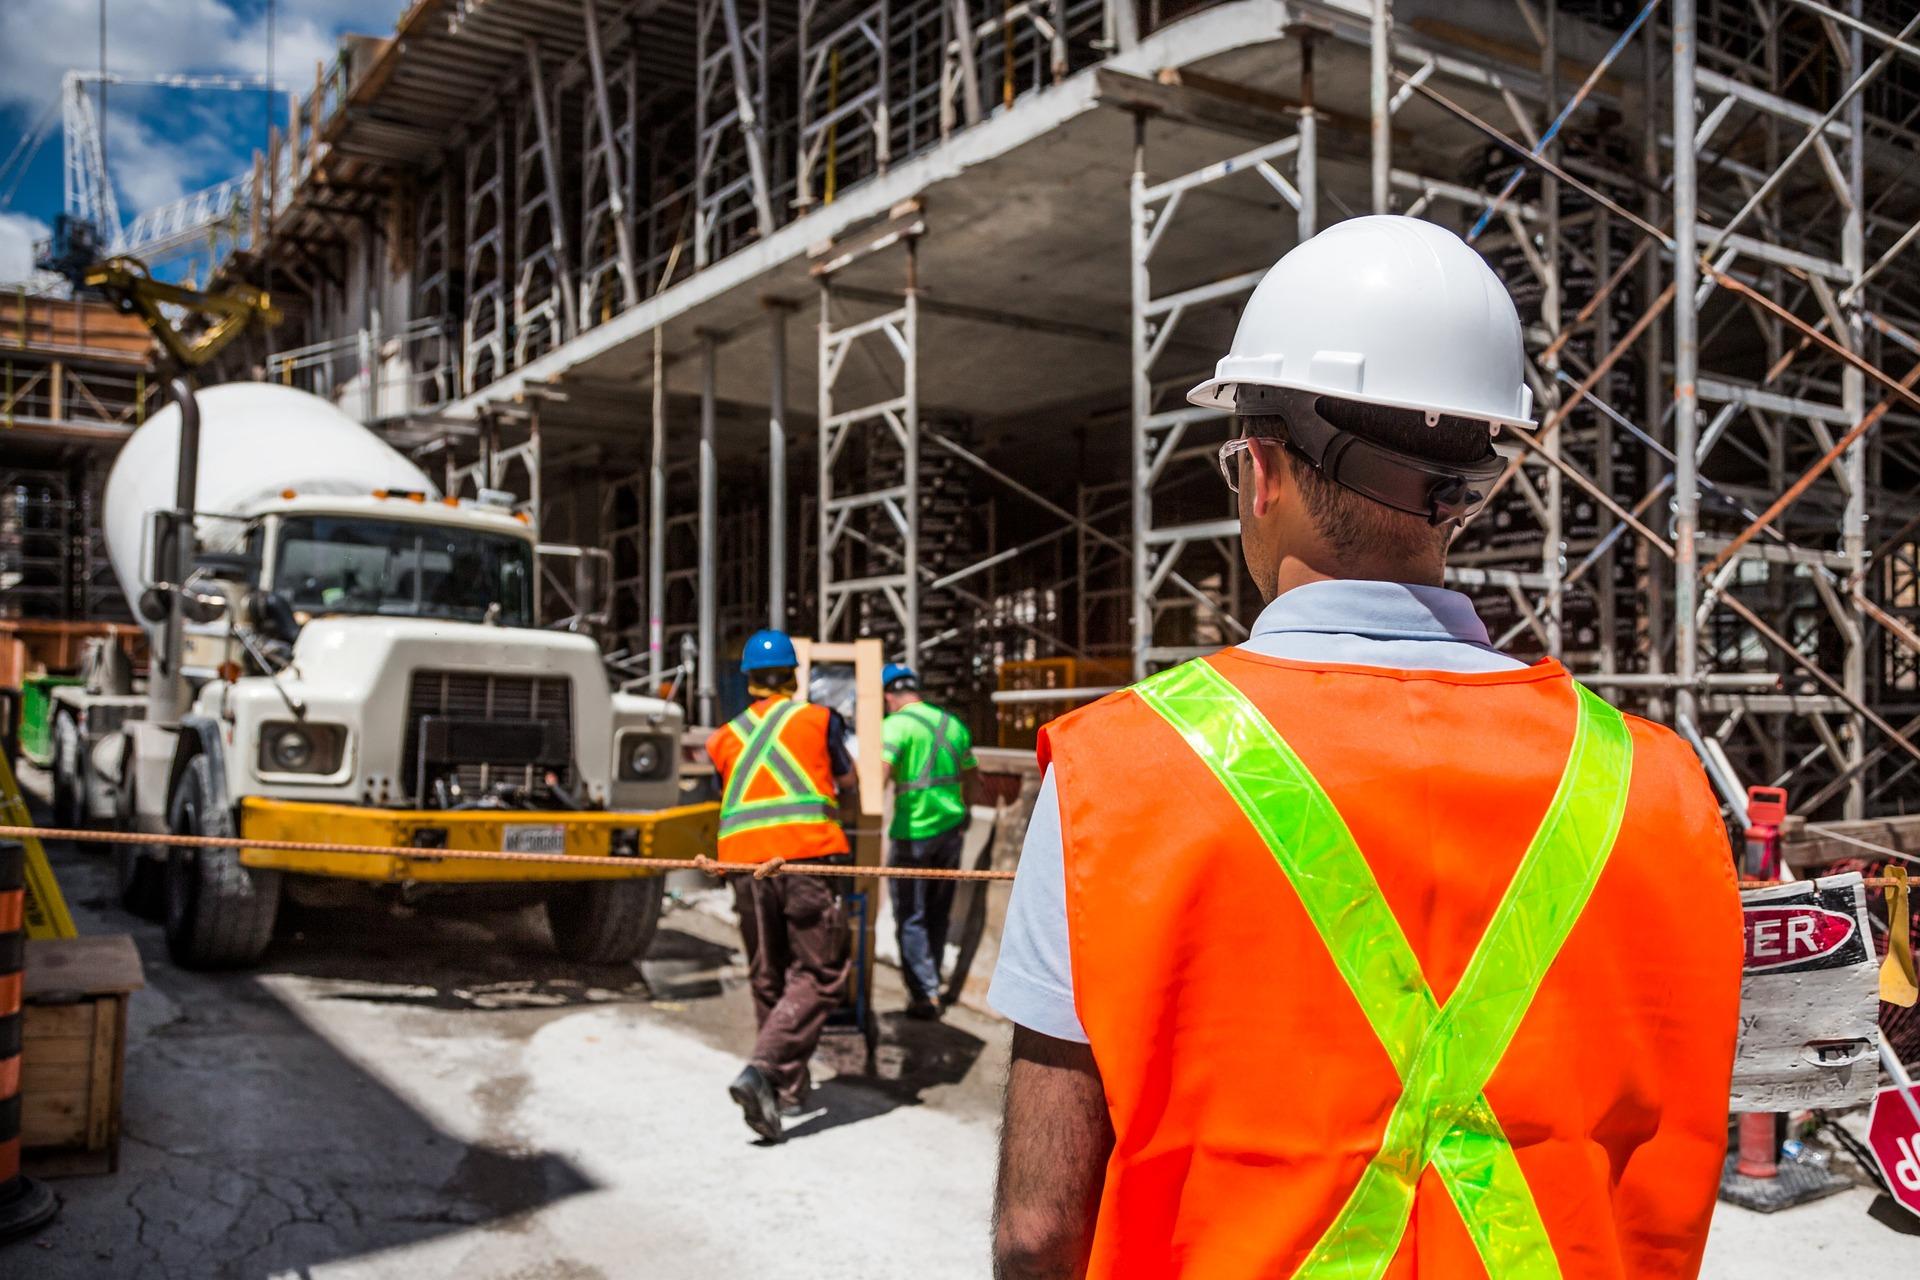 מהן חריגות בניה ואיך מטפלים בהן?